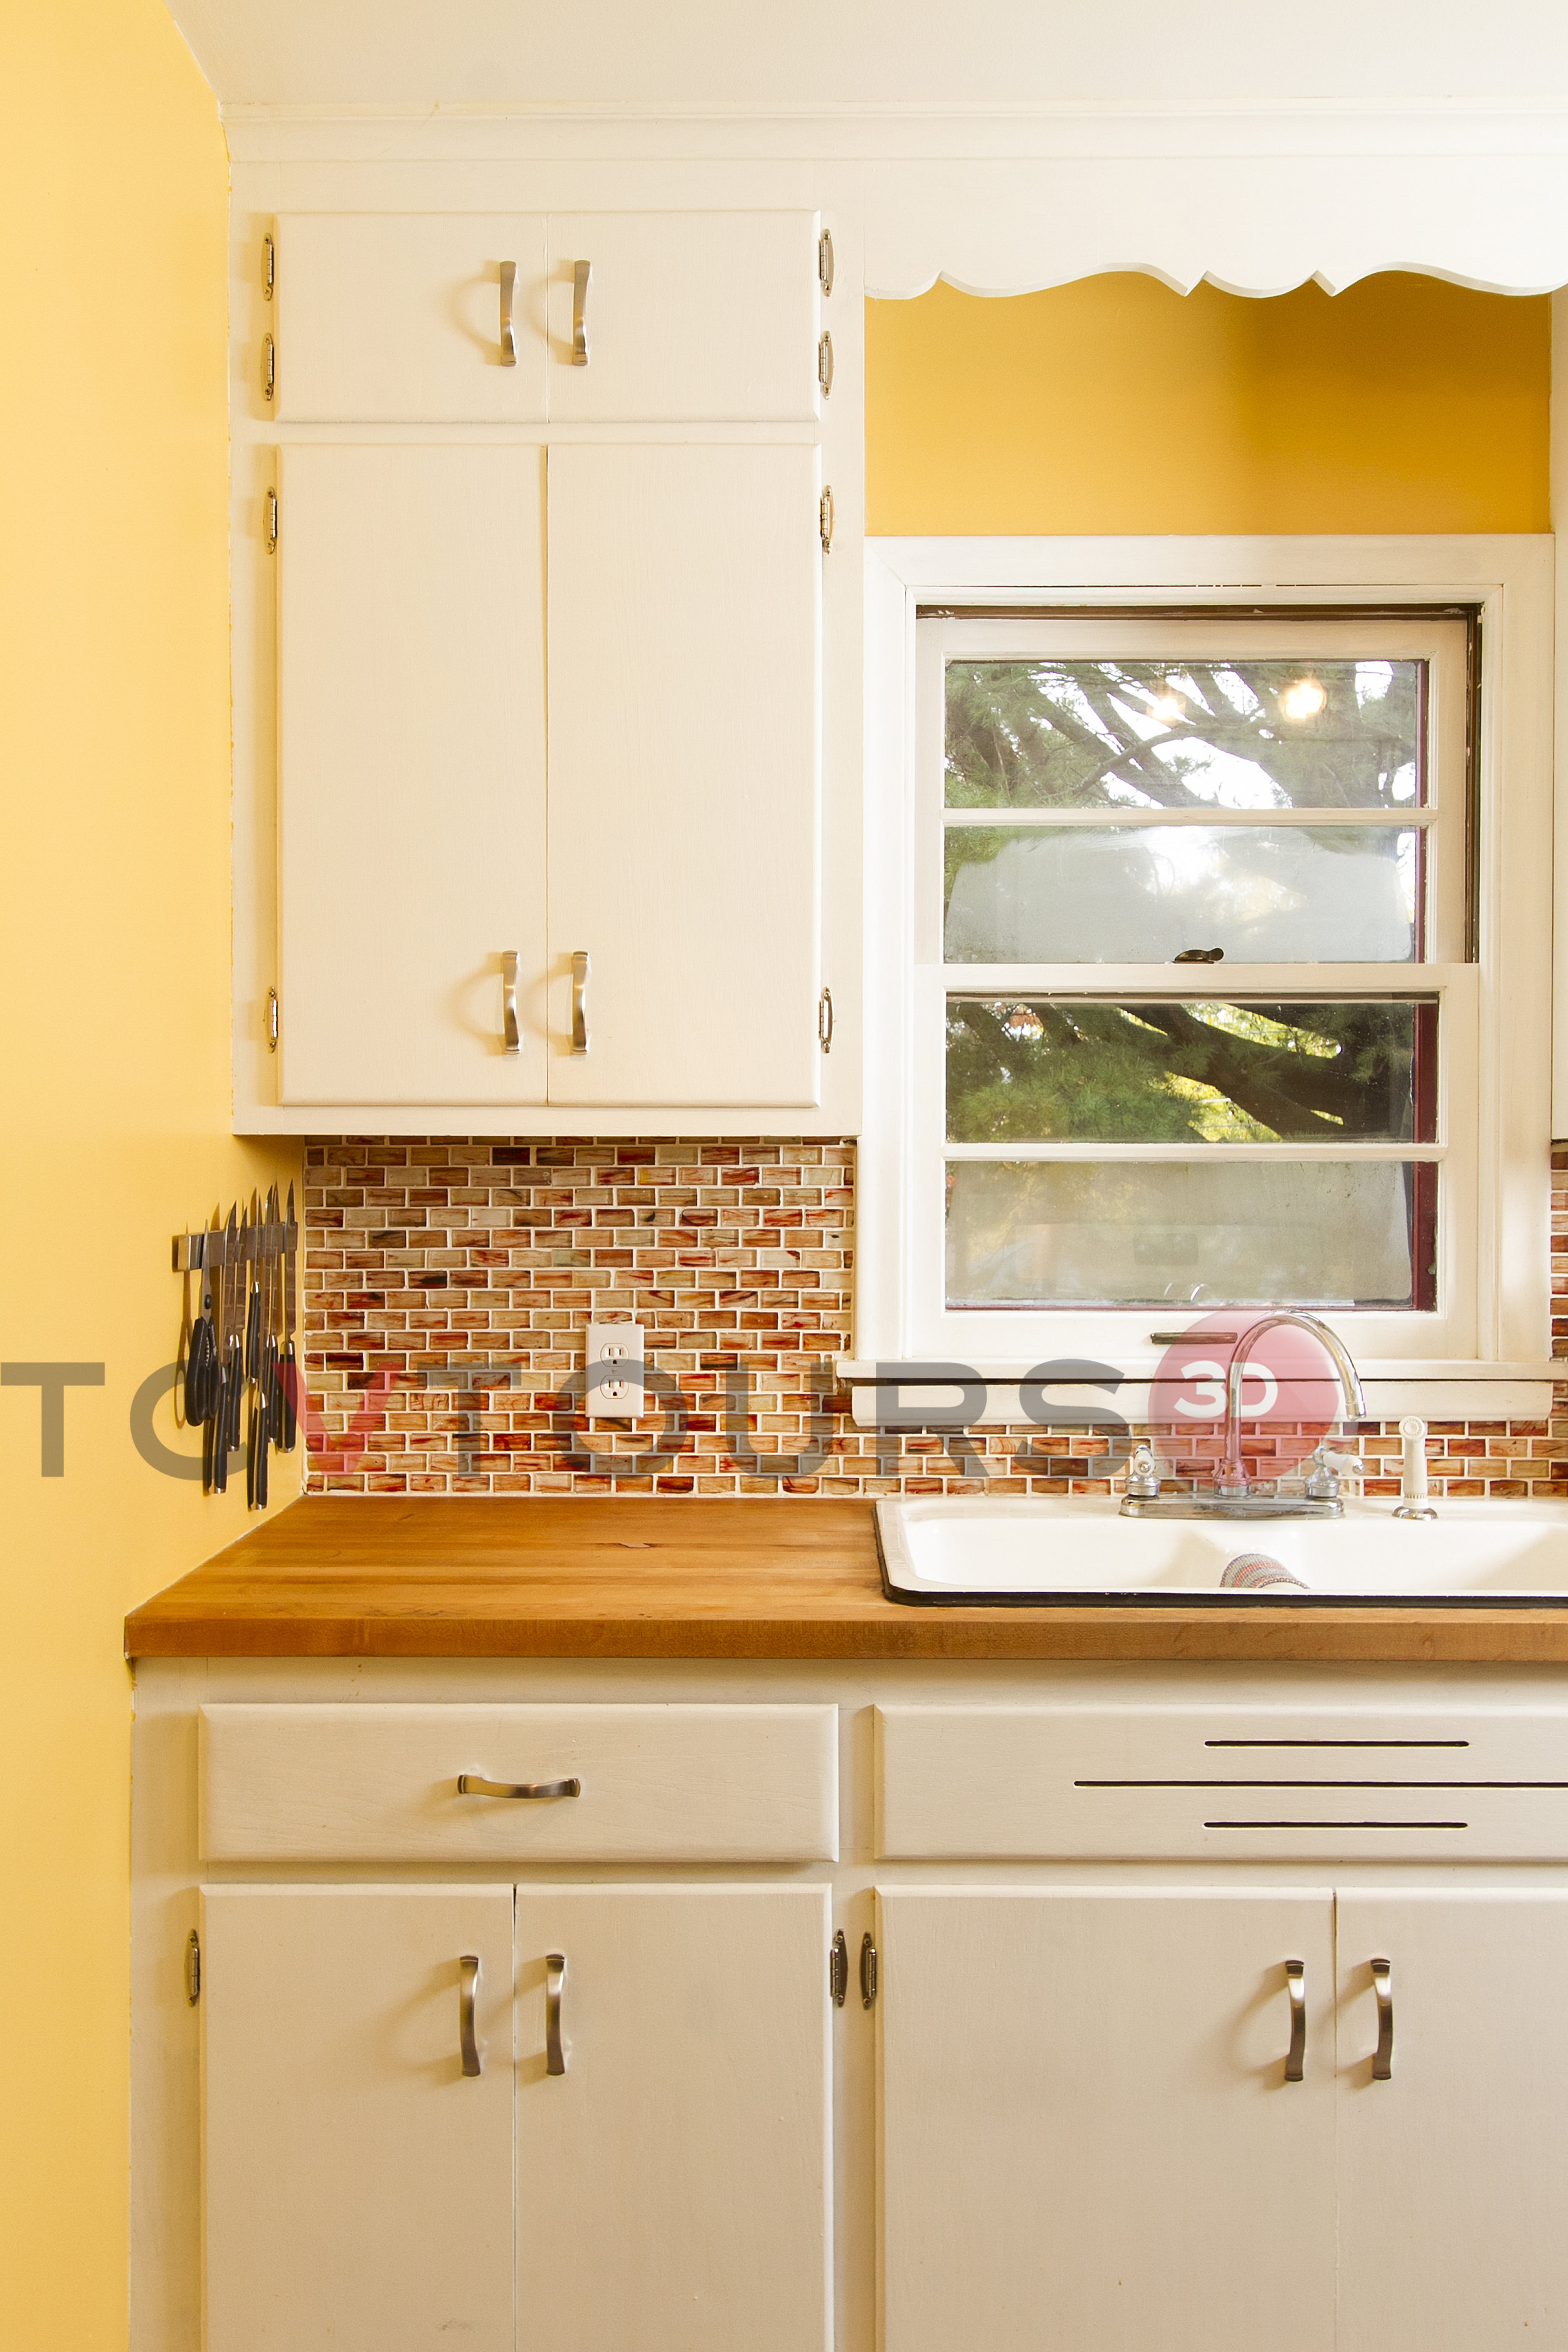 019_kitchen sink vert H20.jpg